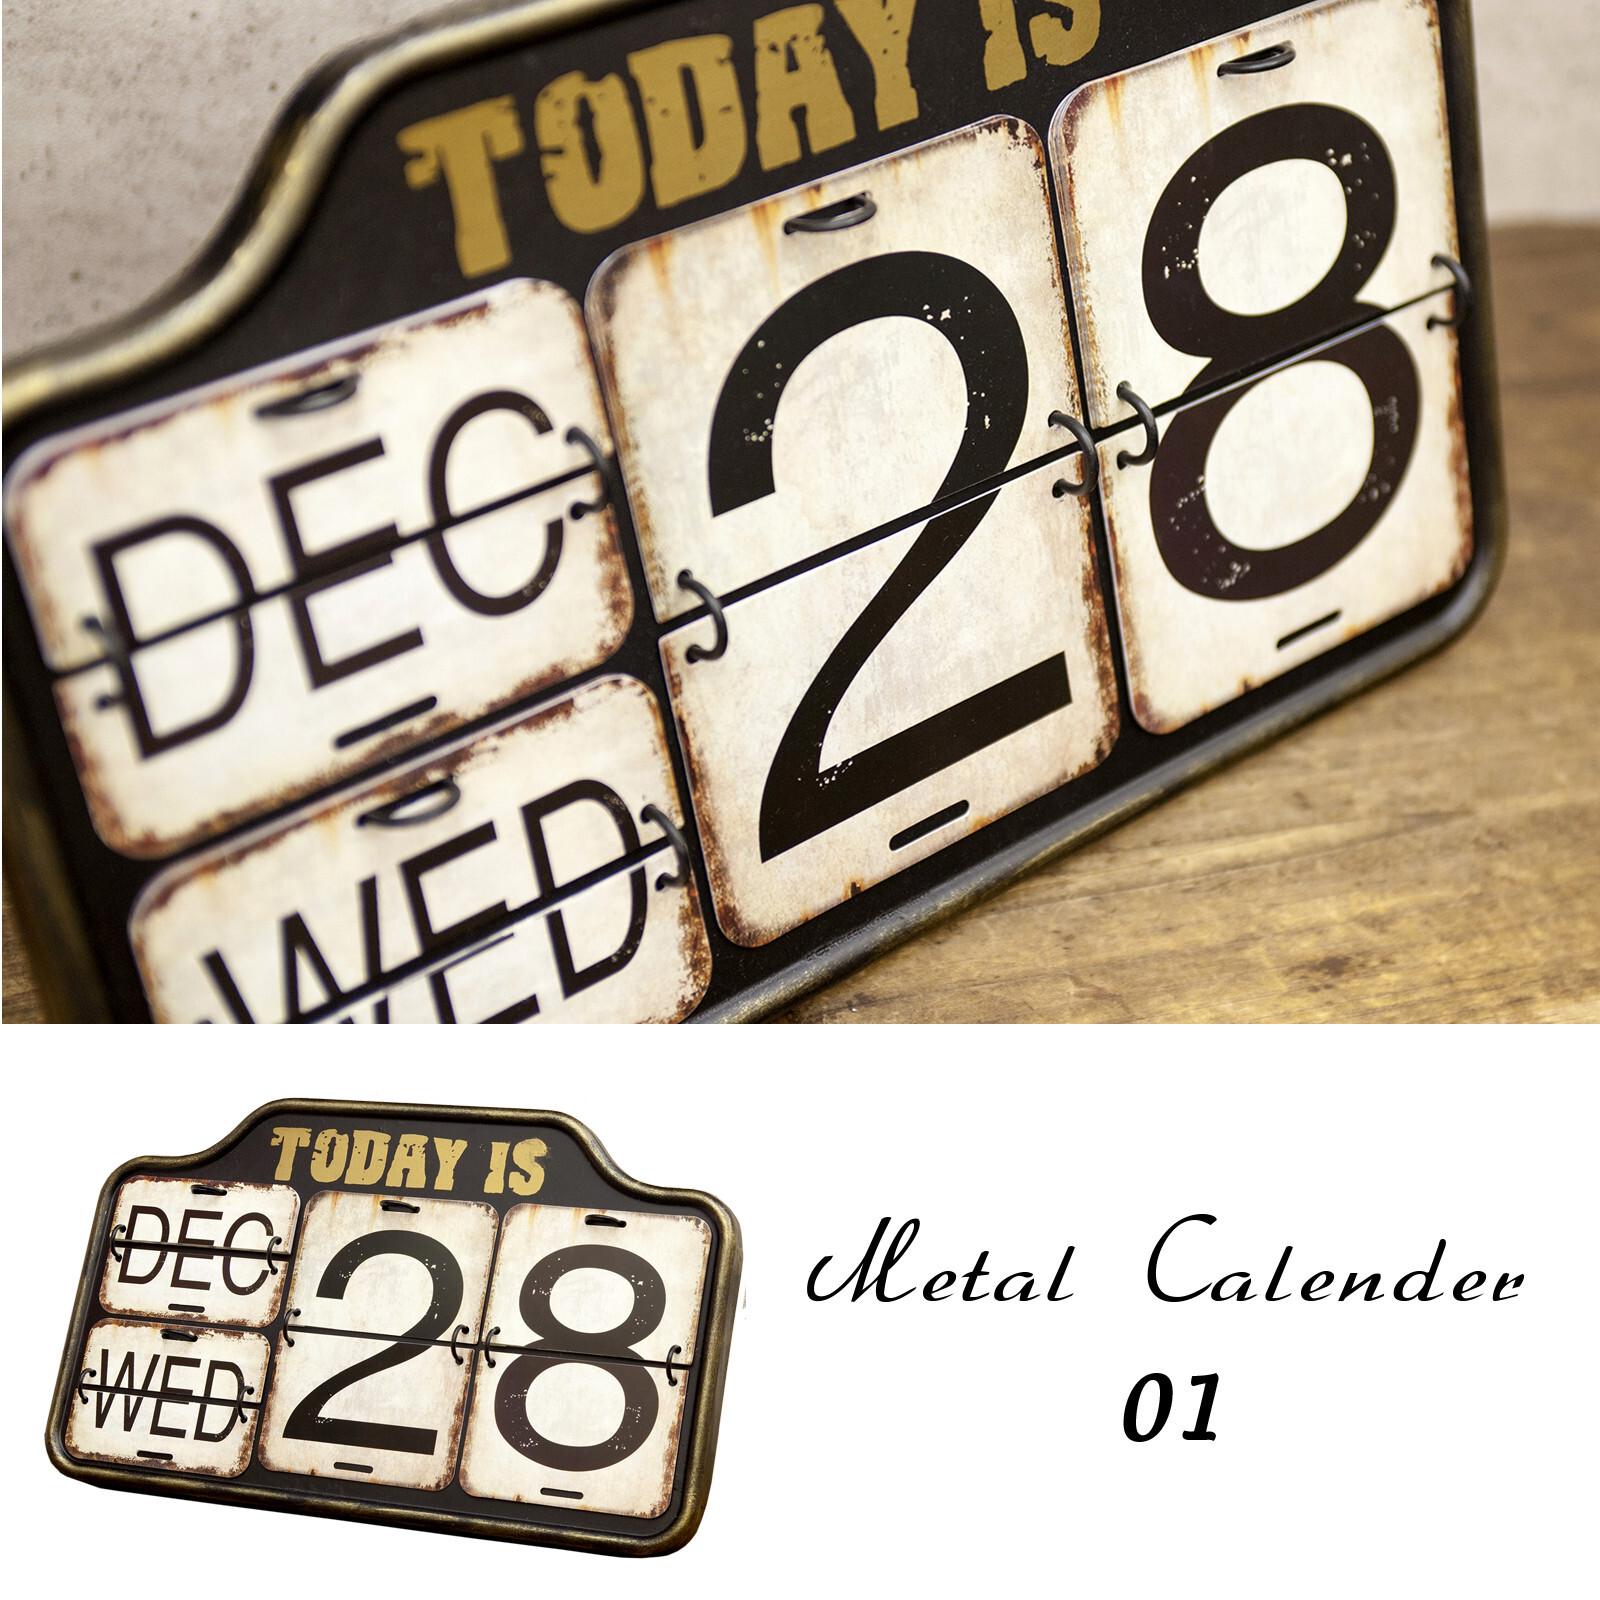 壁掛け・卓上「メタルカレンダー」パタパタカレンダー ブリキ